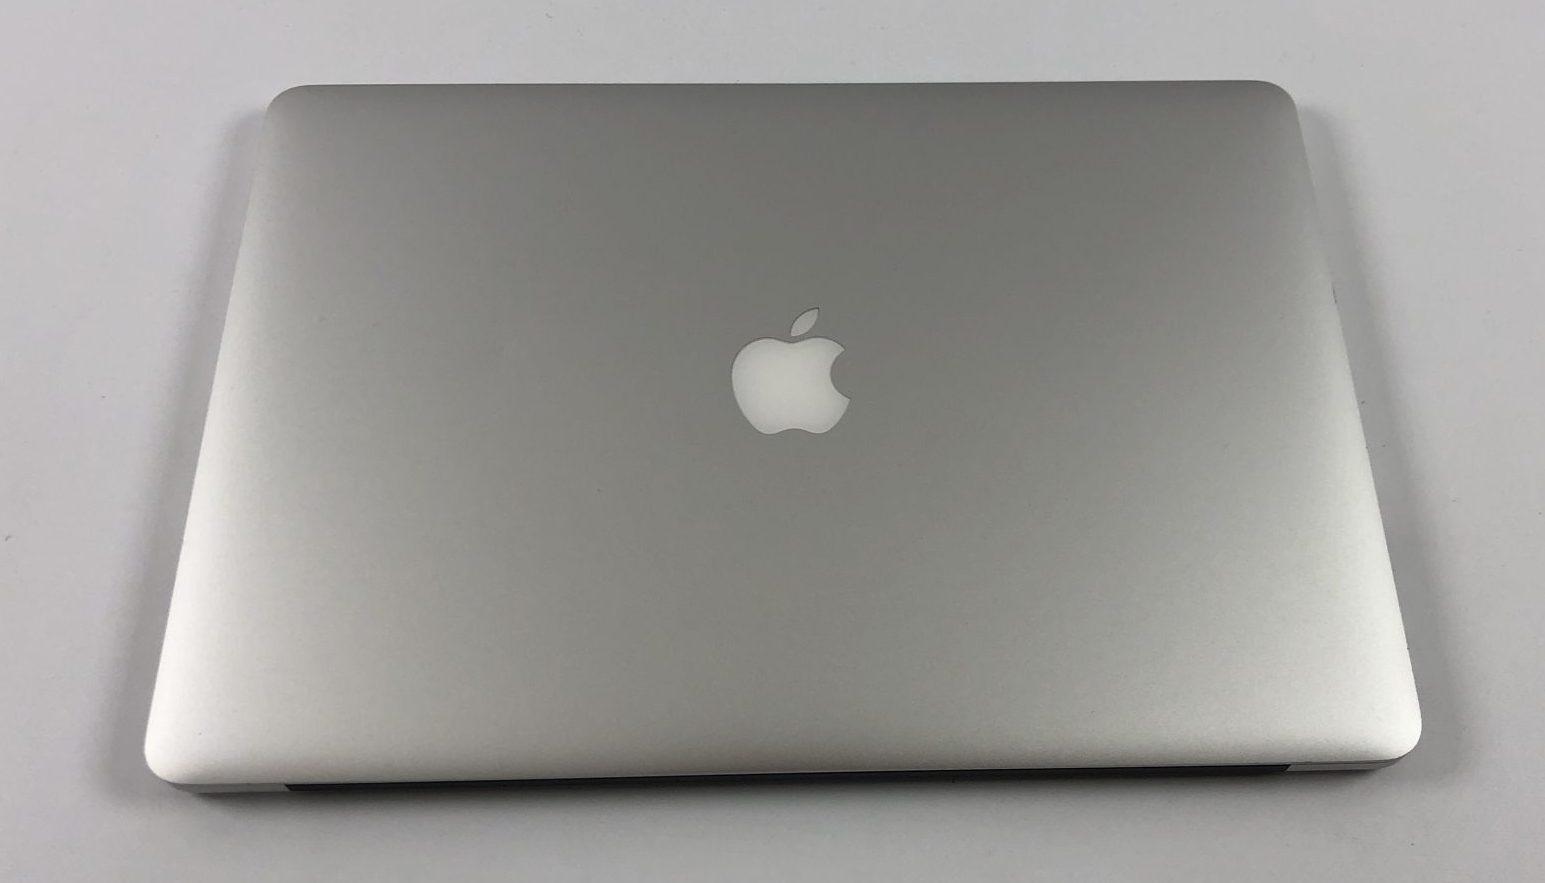 """MacBook Pro Retina 15"""" Mid 2014 (Intel Quad-Core i7 2.8 GHz 16 GB RAM 512 GB SSD), Intel Quad-Core i7 2.8 GHz, 16 GB RAM, 512 GB SSD, Bild 2"""